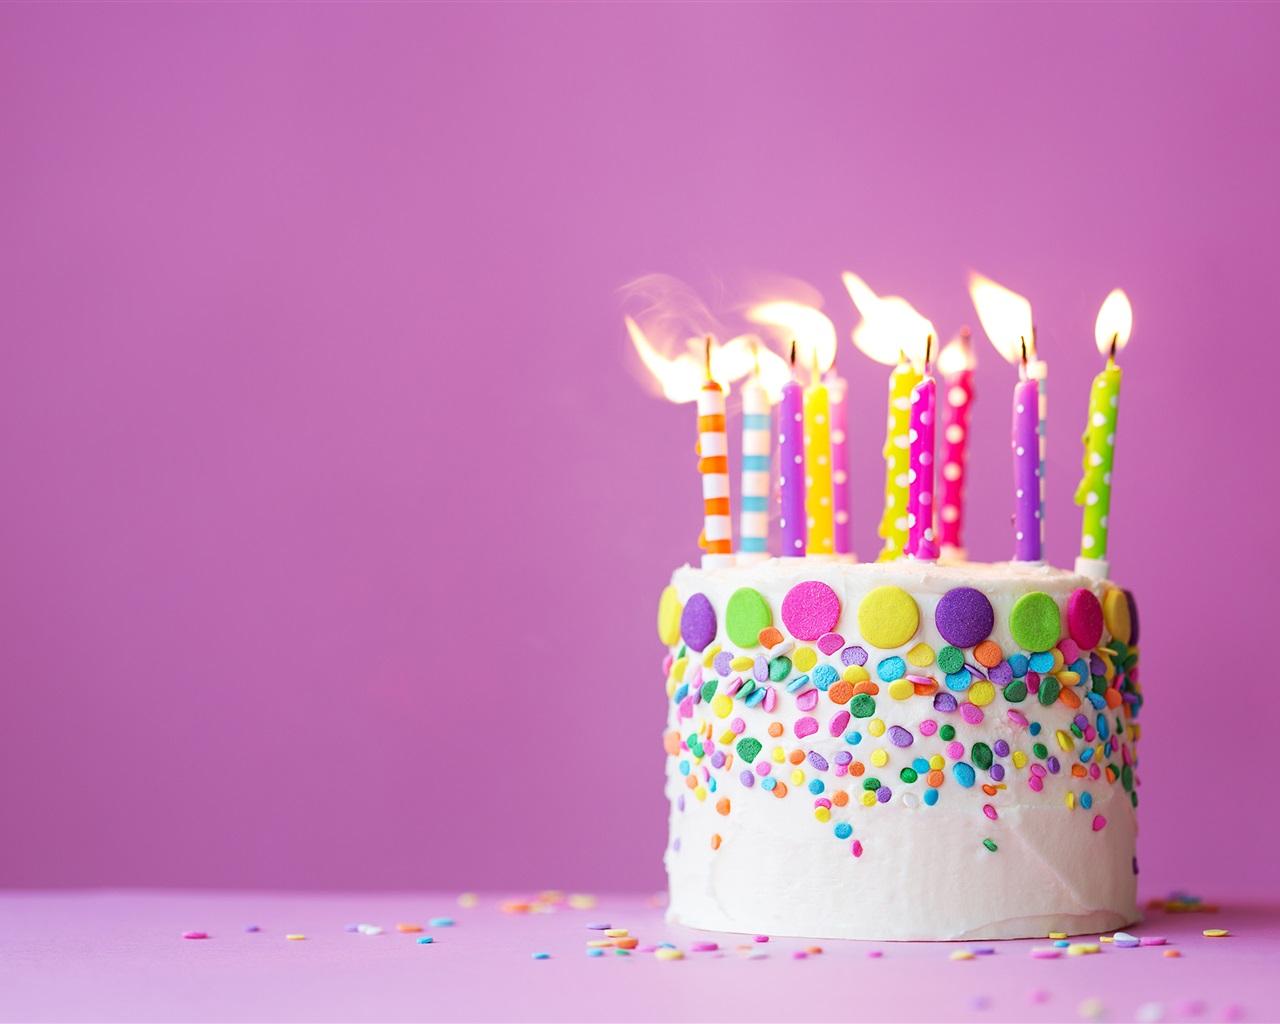 Поздравления с днем рождения в прозе девушке 20 лет